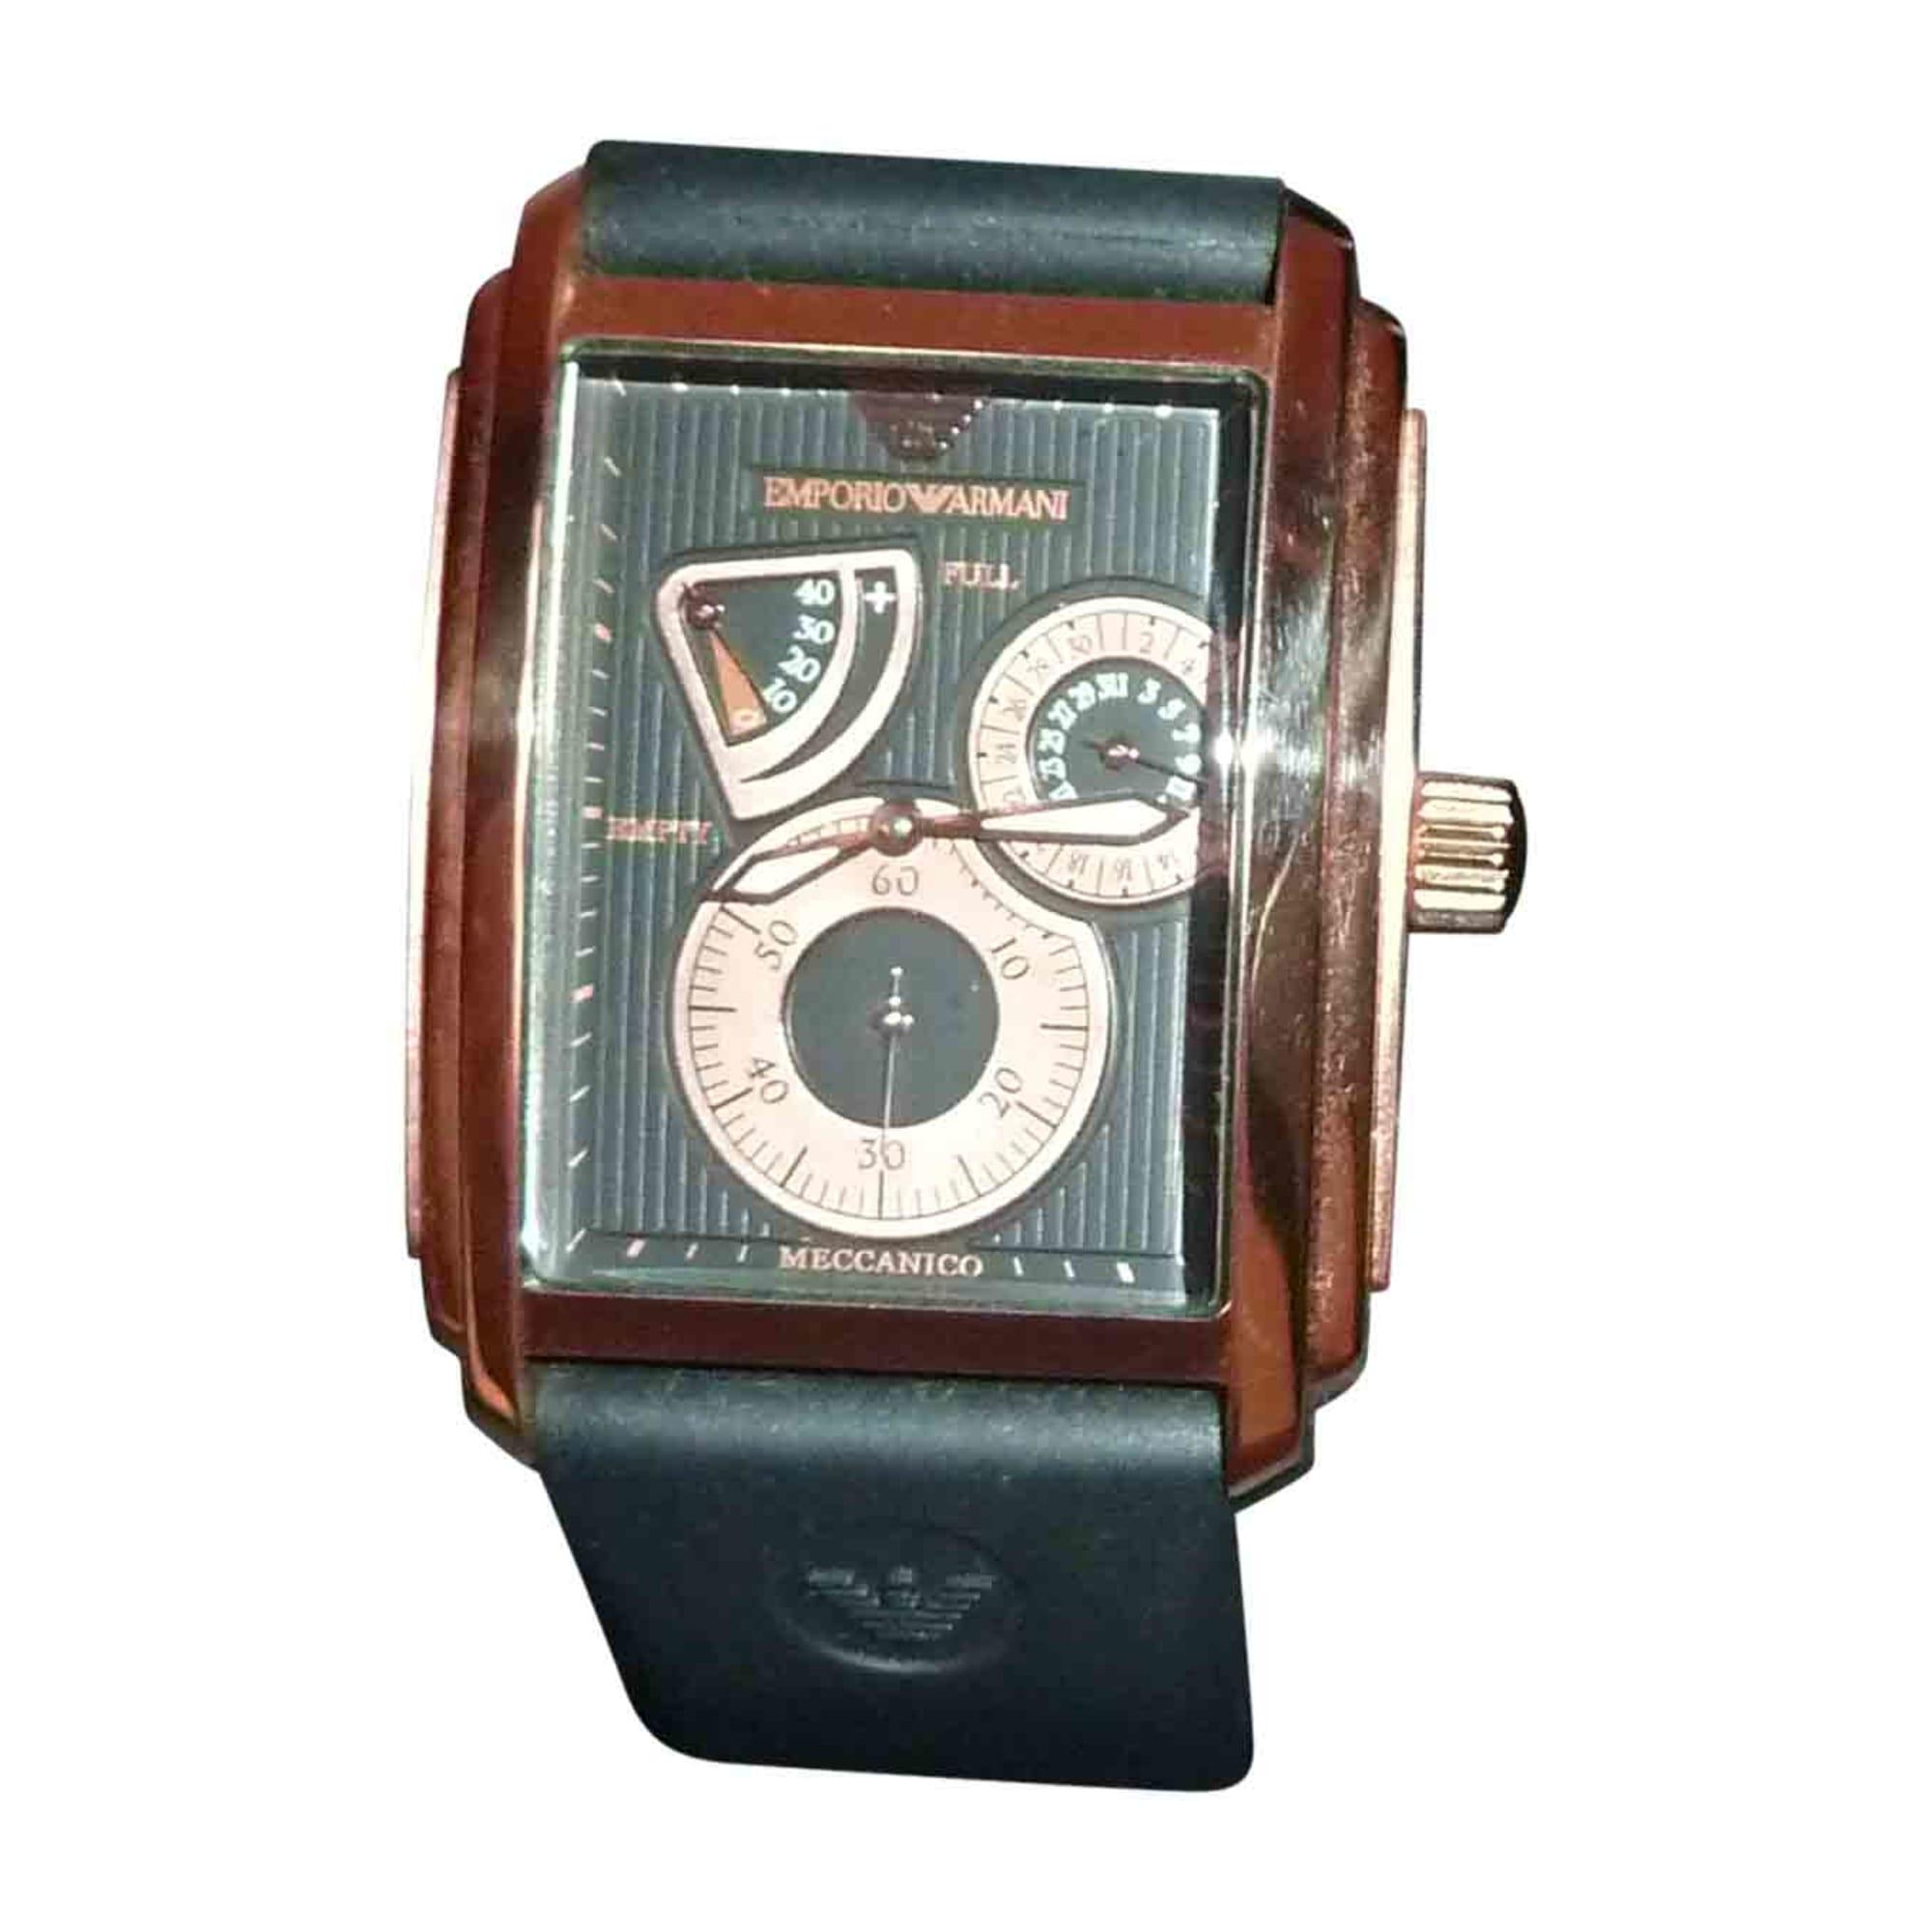 Montre au poignet EMPORIO ARMANI noir vendu par Donsoso487595 - 6263271 1b105d70d6b